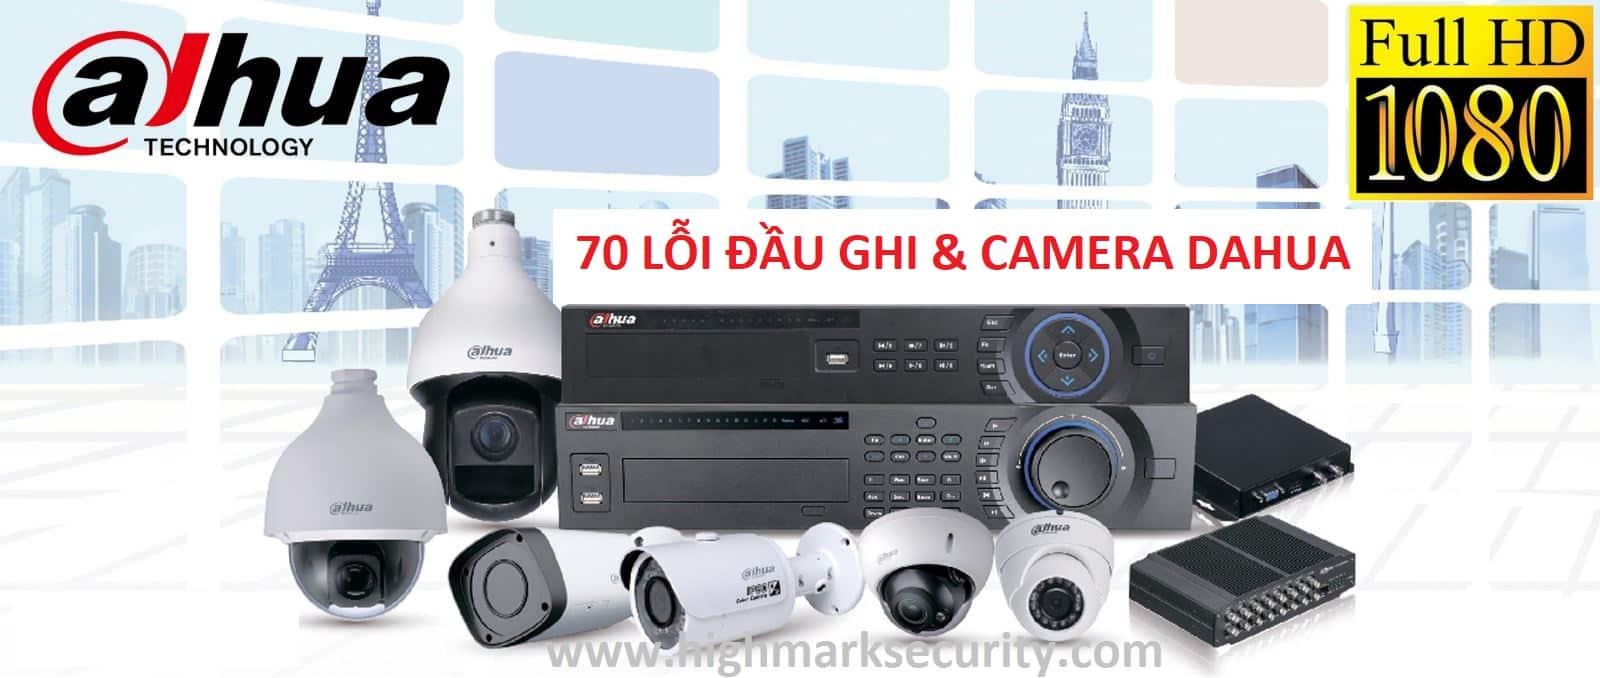 70 lỗi đầu ghi Dahua, sự cố camera Dahua thường gặp và cách